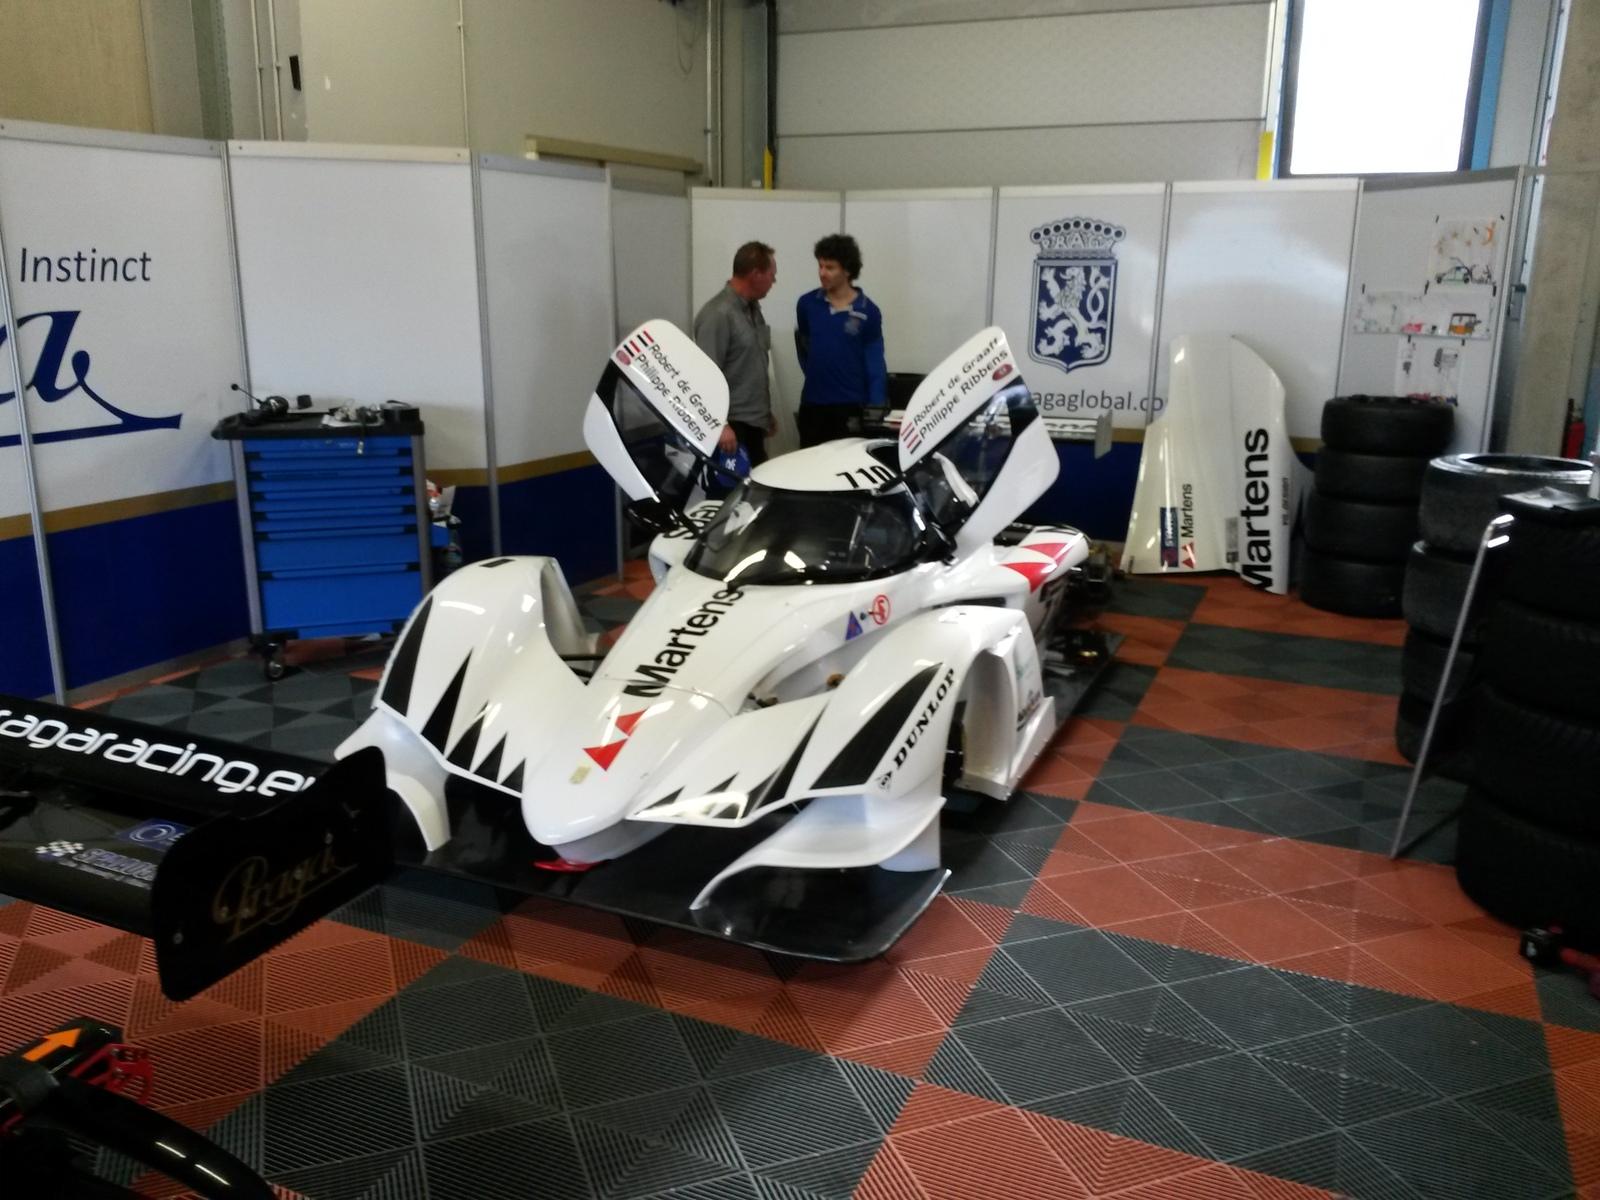 Praga R1 turbo got it's first pole position in Assen